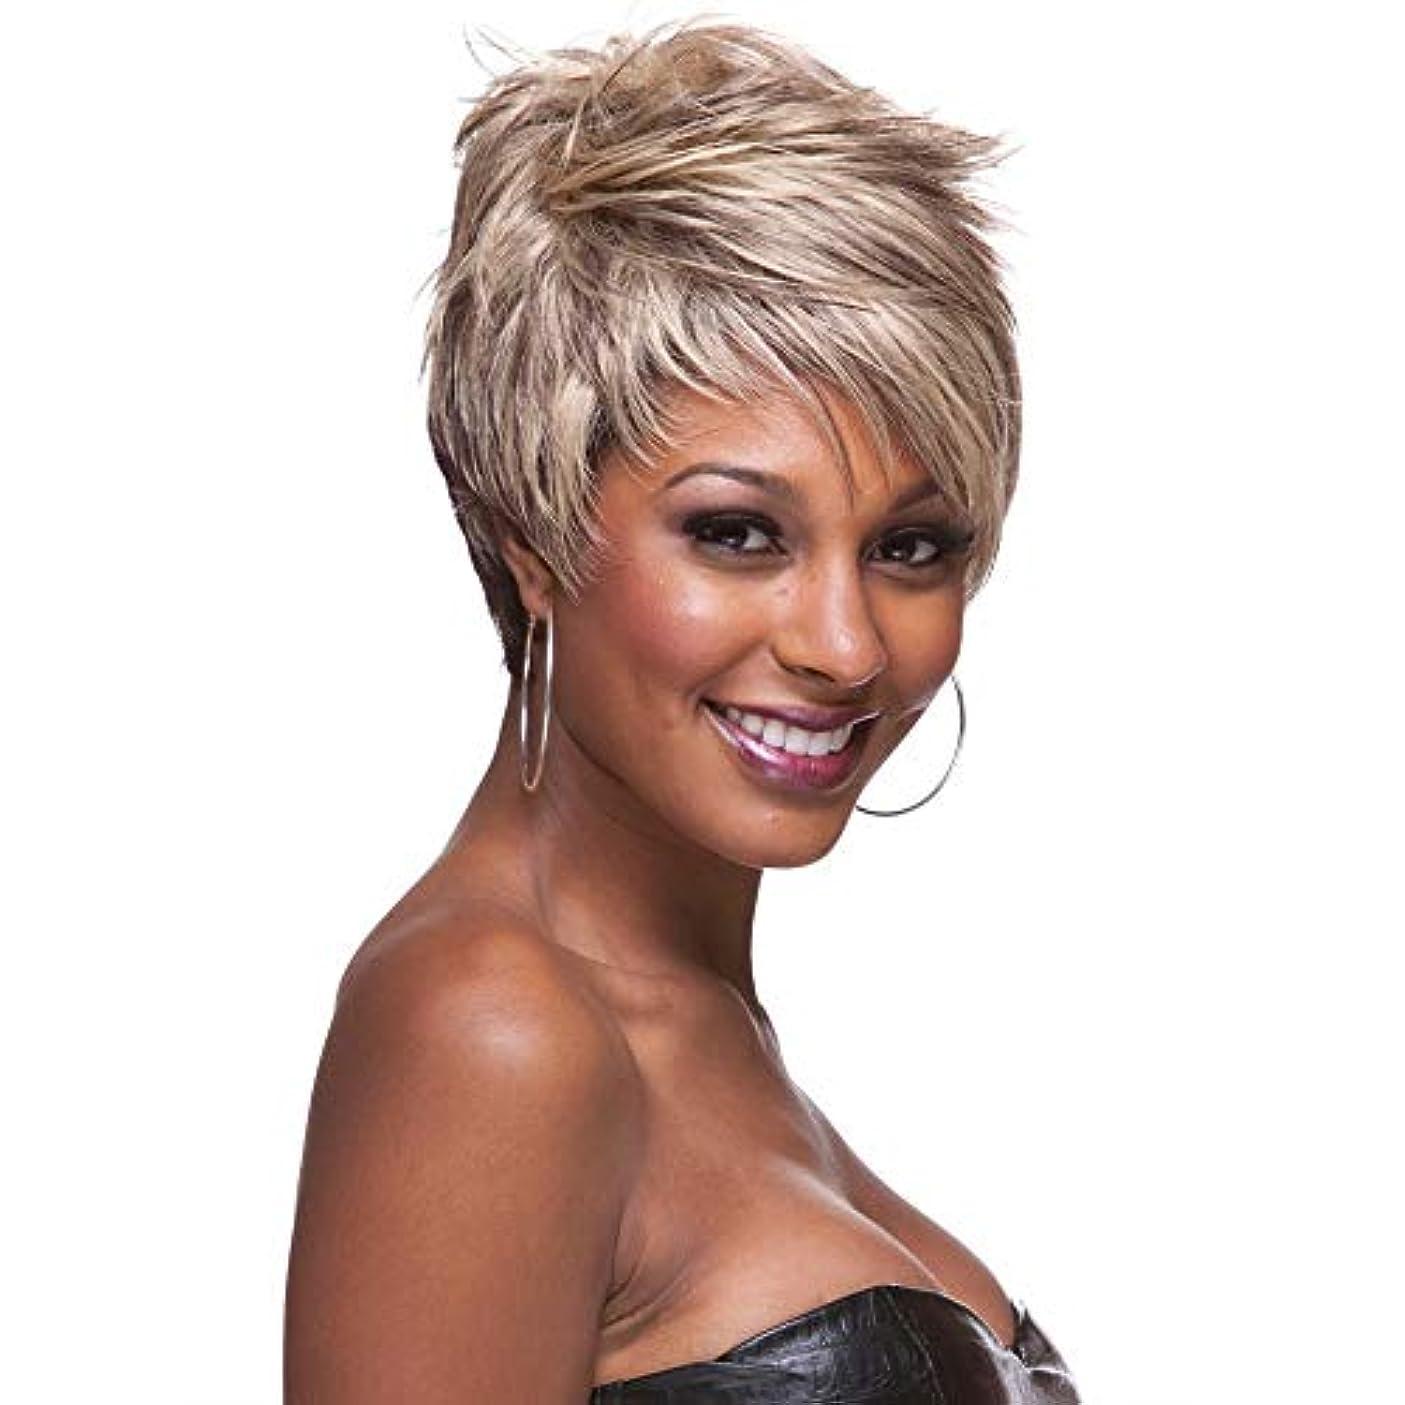 違反言語ヒップ女性用ショートヘアウィッグ前髪付きの自然な人間の髪の毛のかつら女性と女の子用の合成フルヘアウィッグハロウィンコスプレパーティーウィッグ